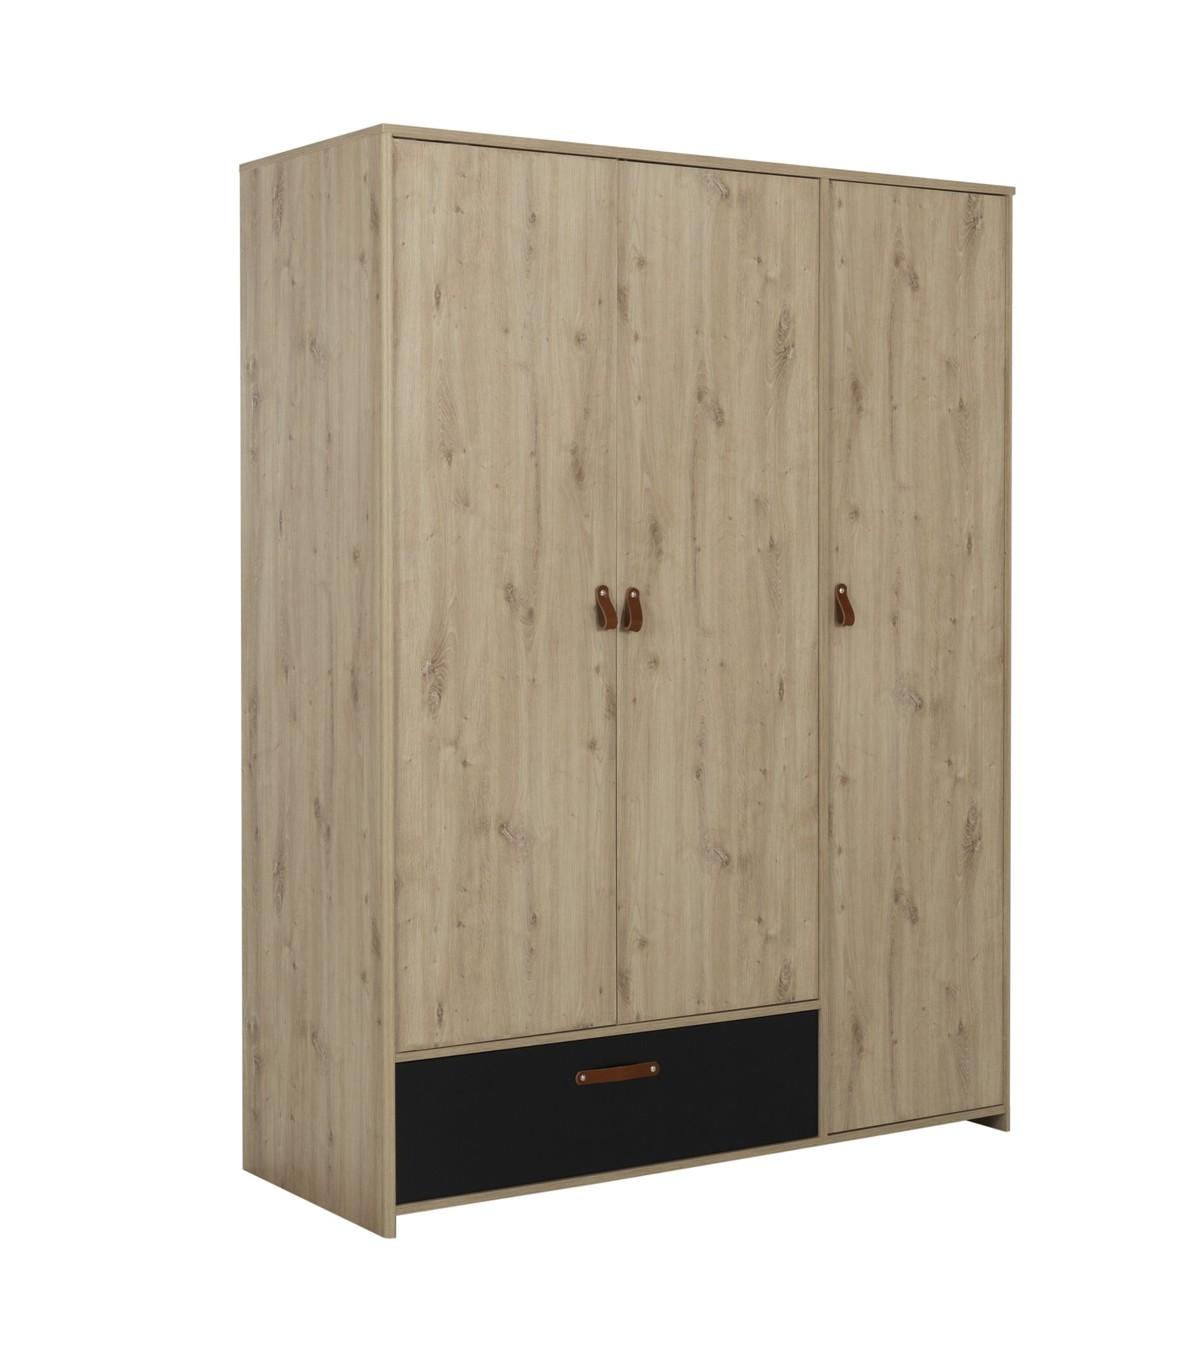 Armoire 3 portes 1 tiroir style industriel - Marron